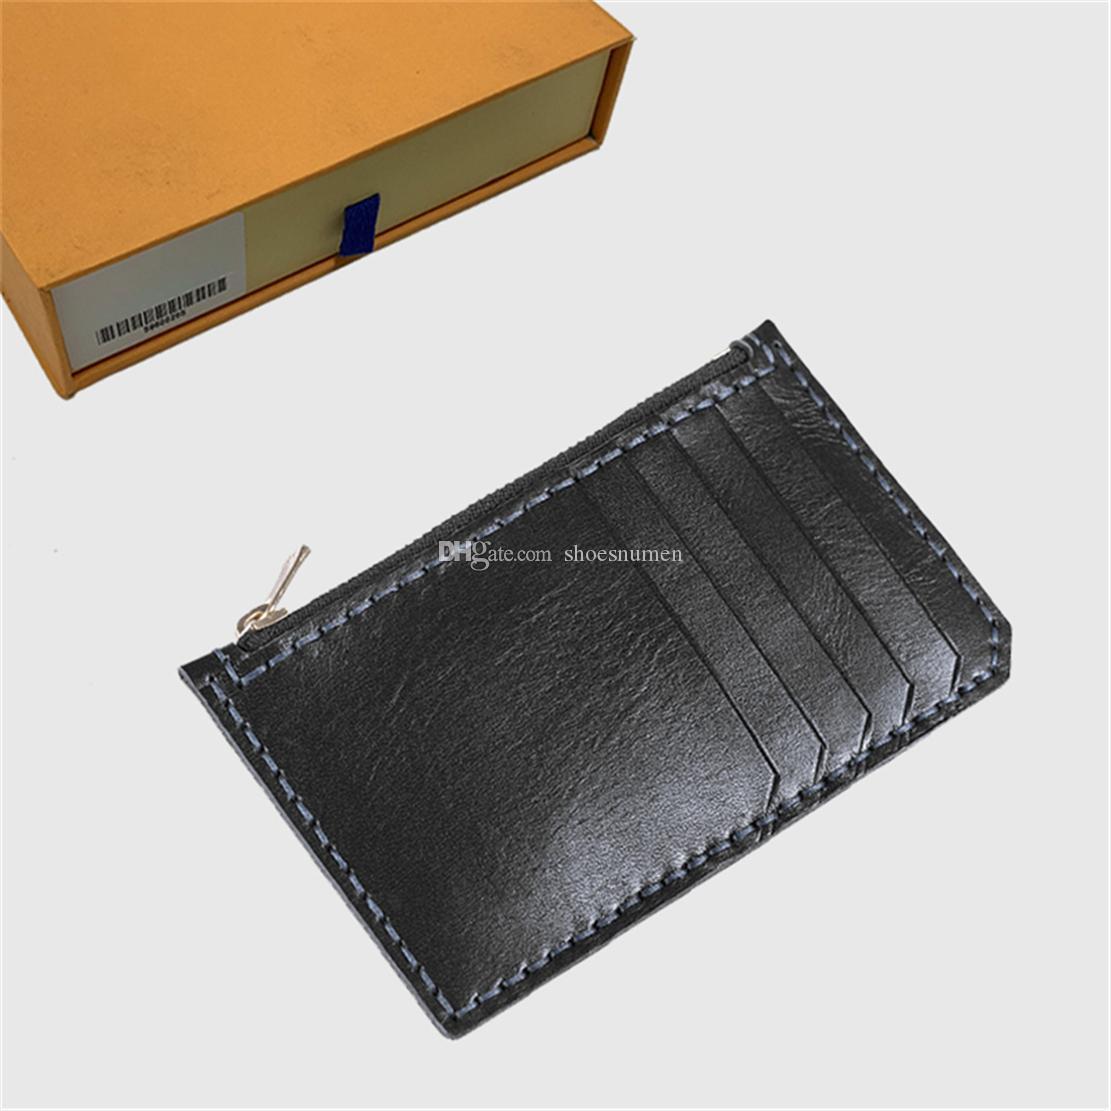 حامل بطاقة المحفظة رجل مفتاح الحقيبة بطاقة إمرأة حامل حقائب جلدية حامل رشيق الأفعى المحافظ الصغيرة محافظ عملة المحفظة حقيبة يد 29-43